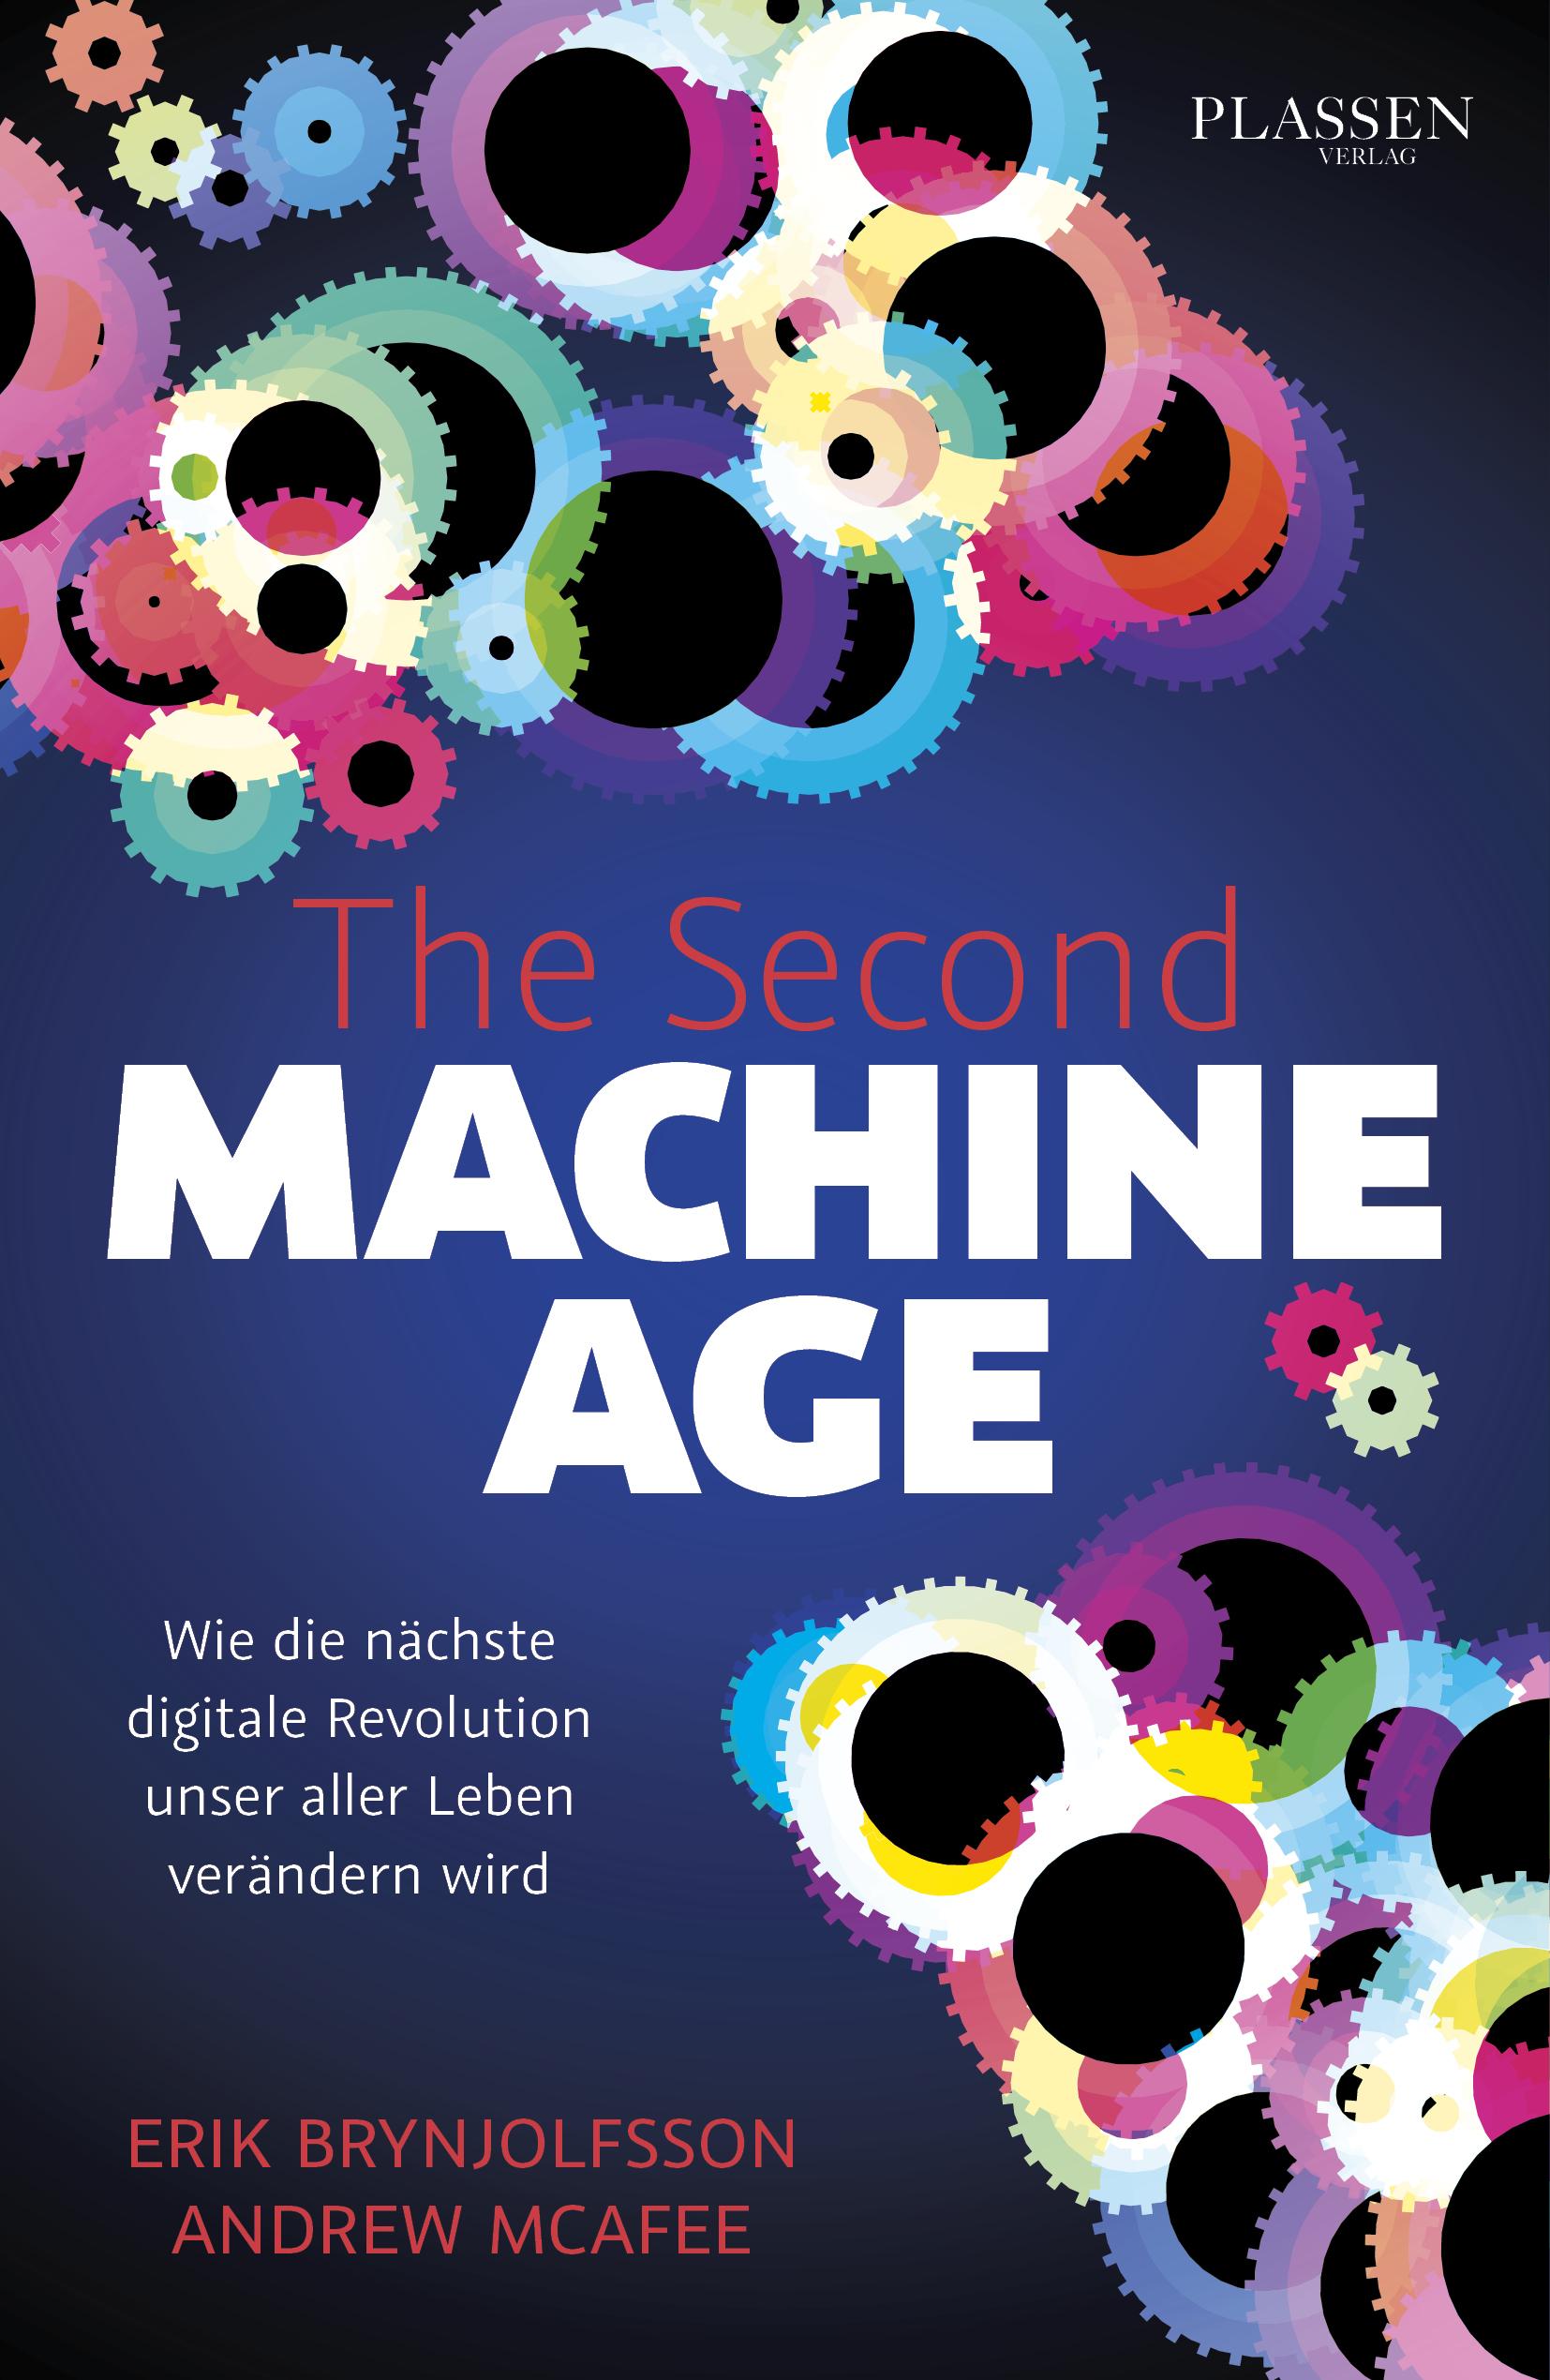 The Second Machine Age: Wie die nächste digitale Revolution unser aller Leben verändern wird - Erik Brynjolfsson [Gebund